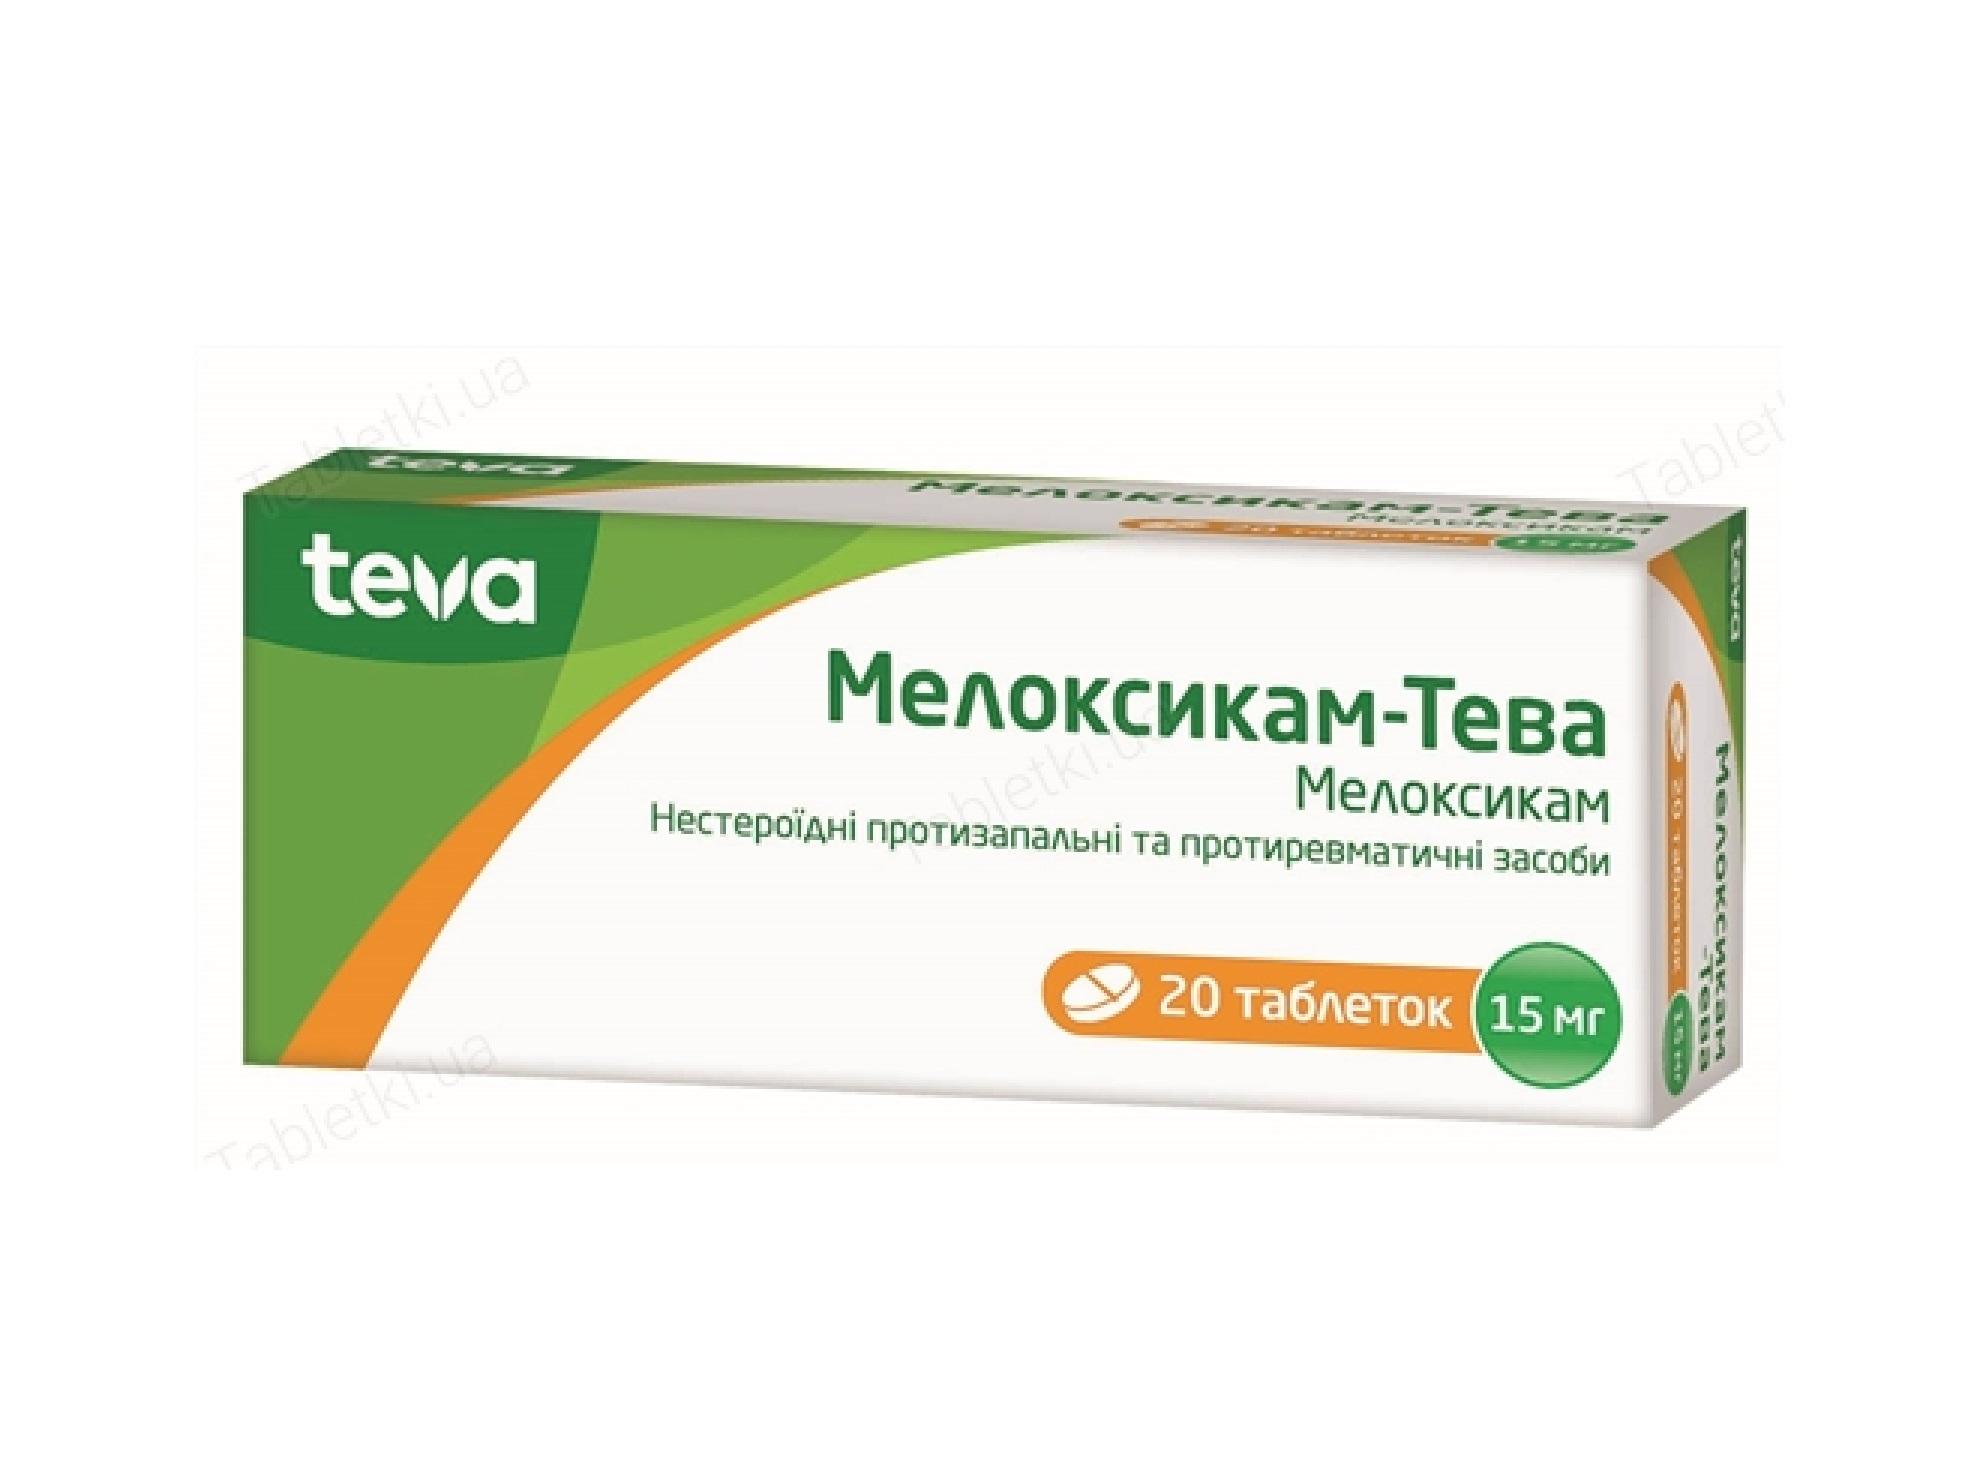 МЕЛОКСИКАМ-ТЕВА ТАБ. 15МГ №20